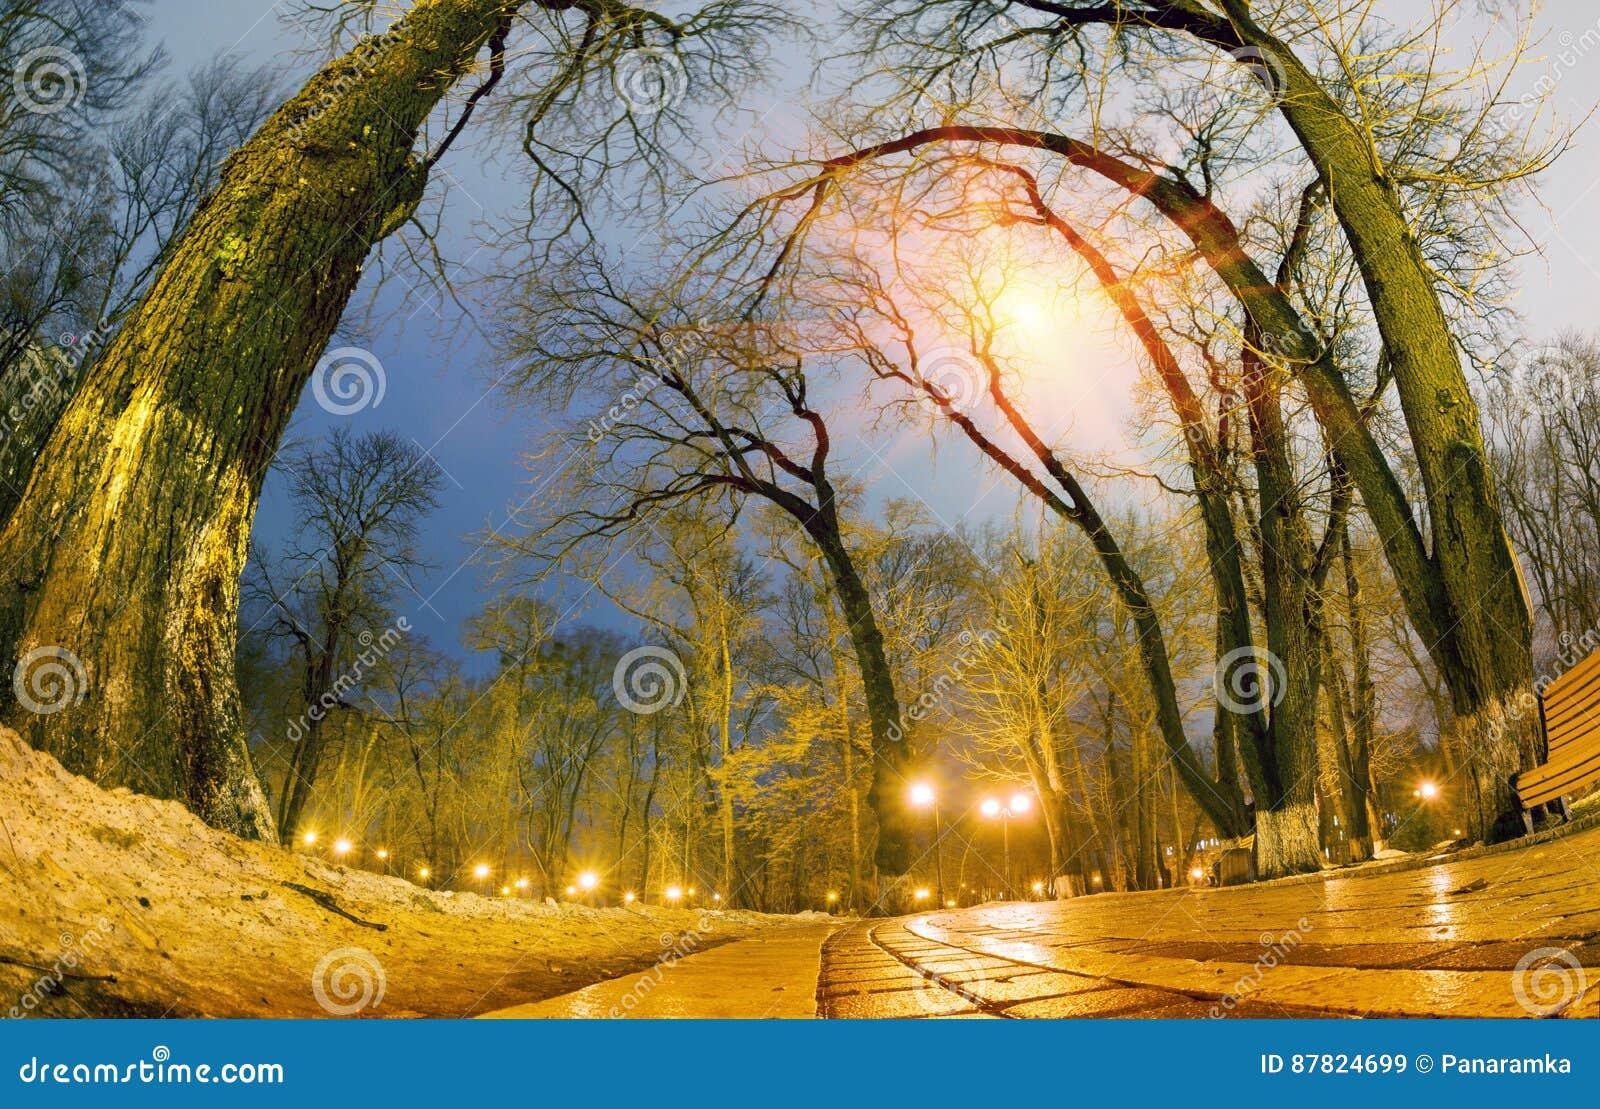 De originele natte straatstenen van de nachtmening